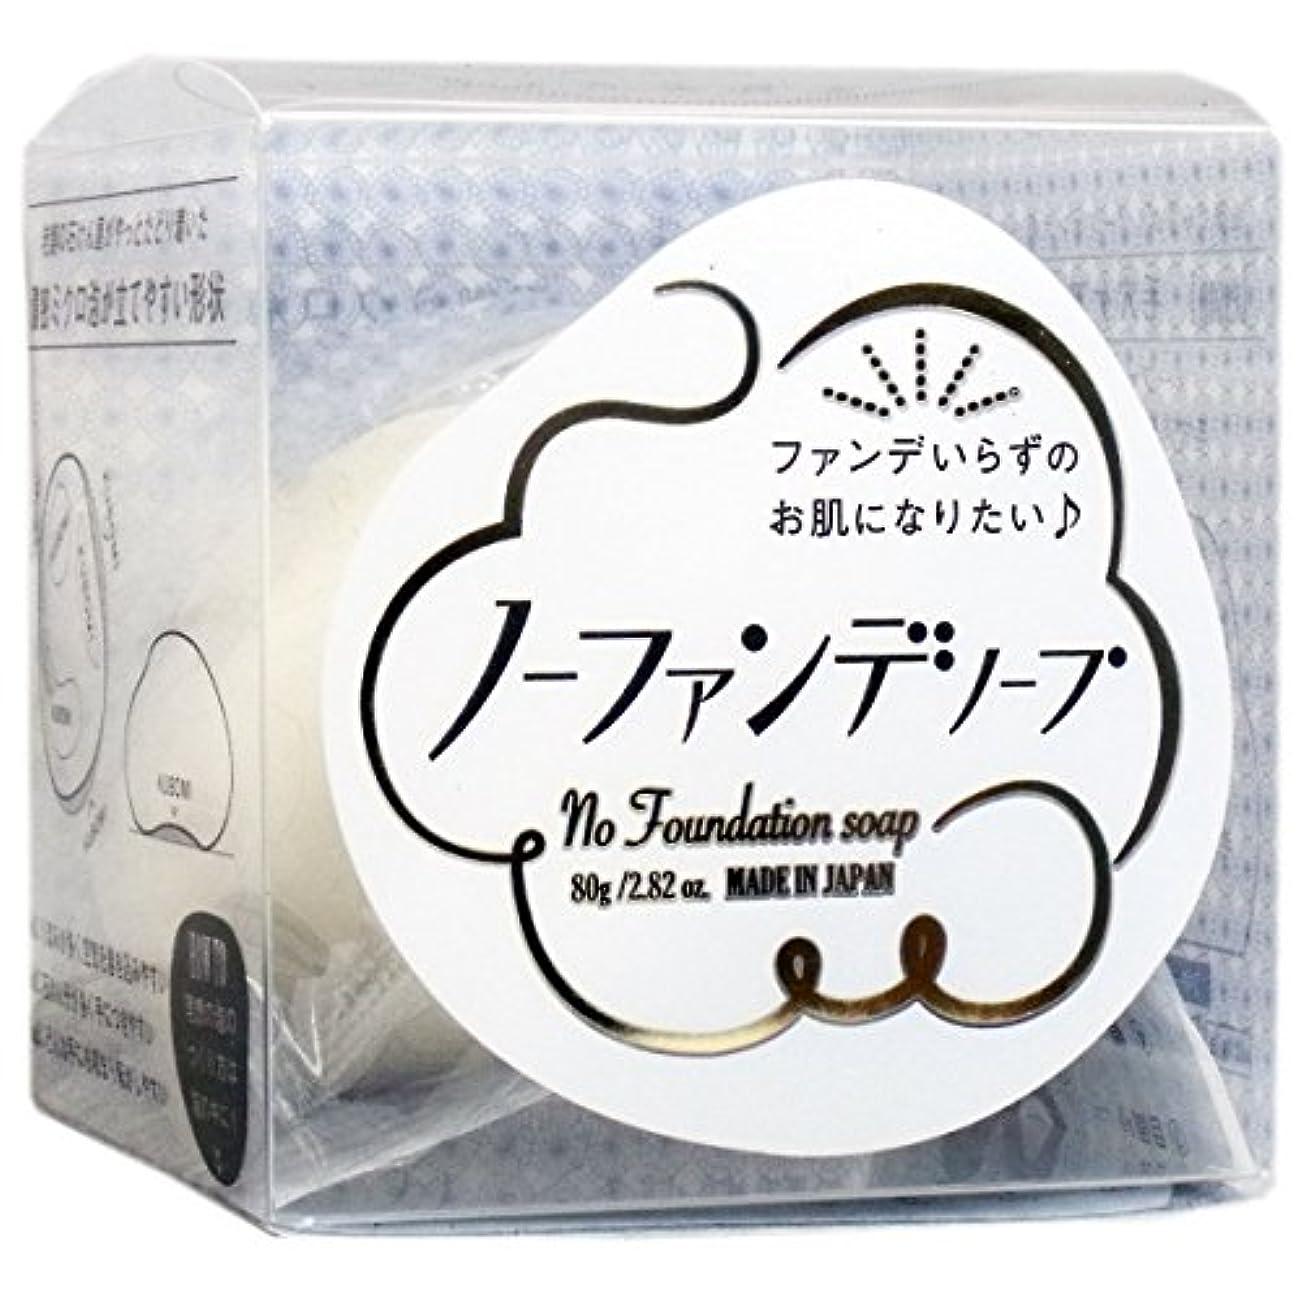 呼吸トークン雨の【まとめ買い】ノーファンデソープ 80g【×4個】